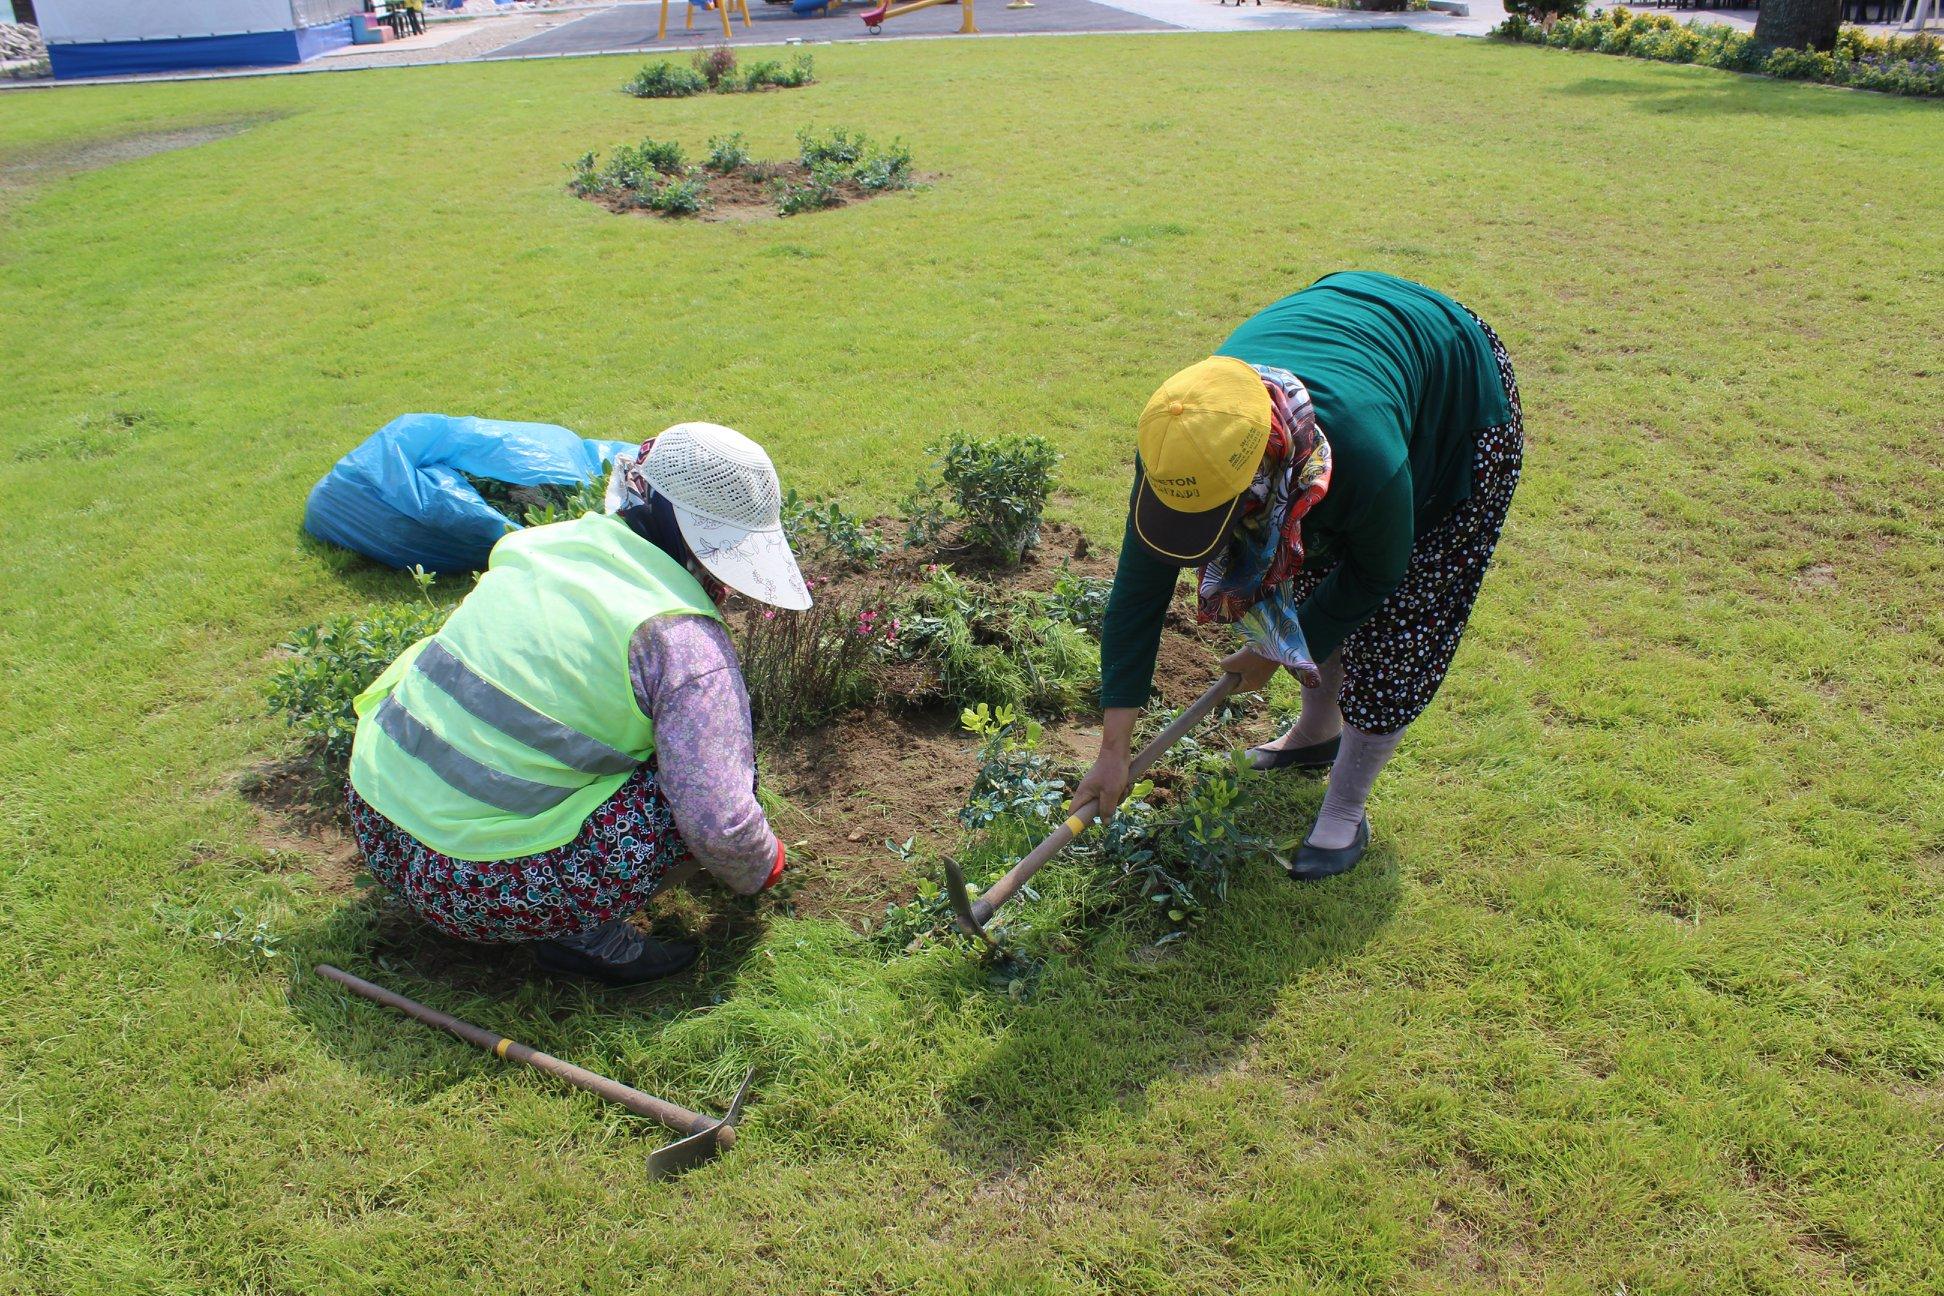 Burhaniye'de Çevre Temizliği Ve Ot Biçme Çalışmaları Devam Ediyor